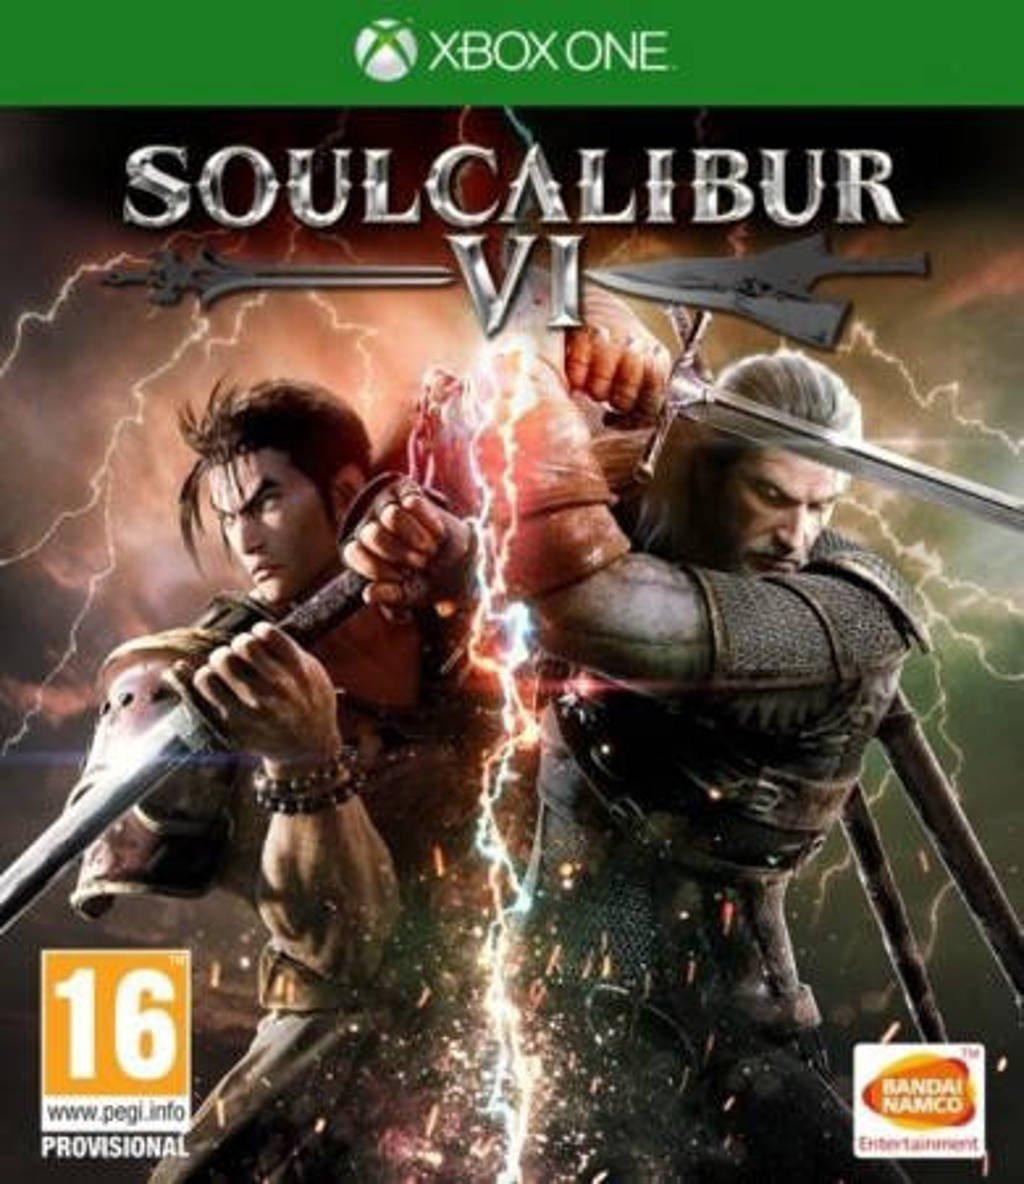 Soulcaliber VI (Xbox One)